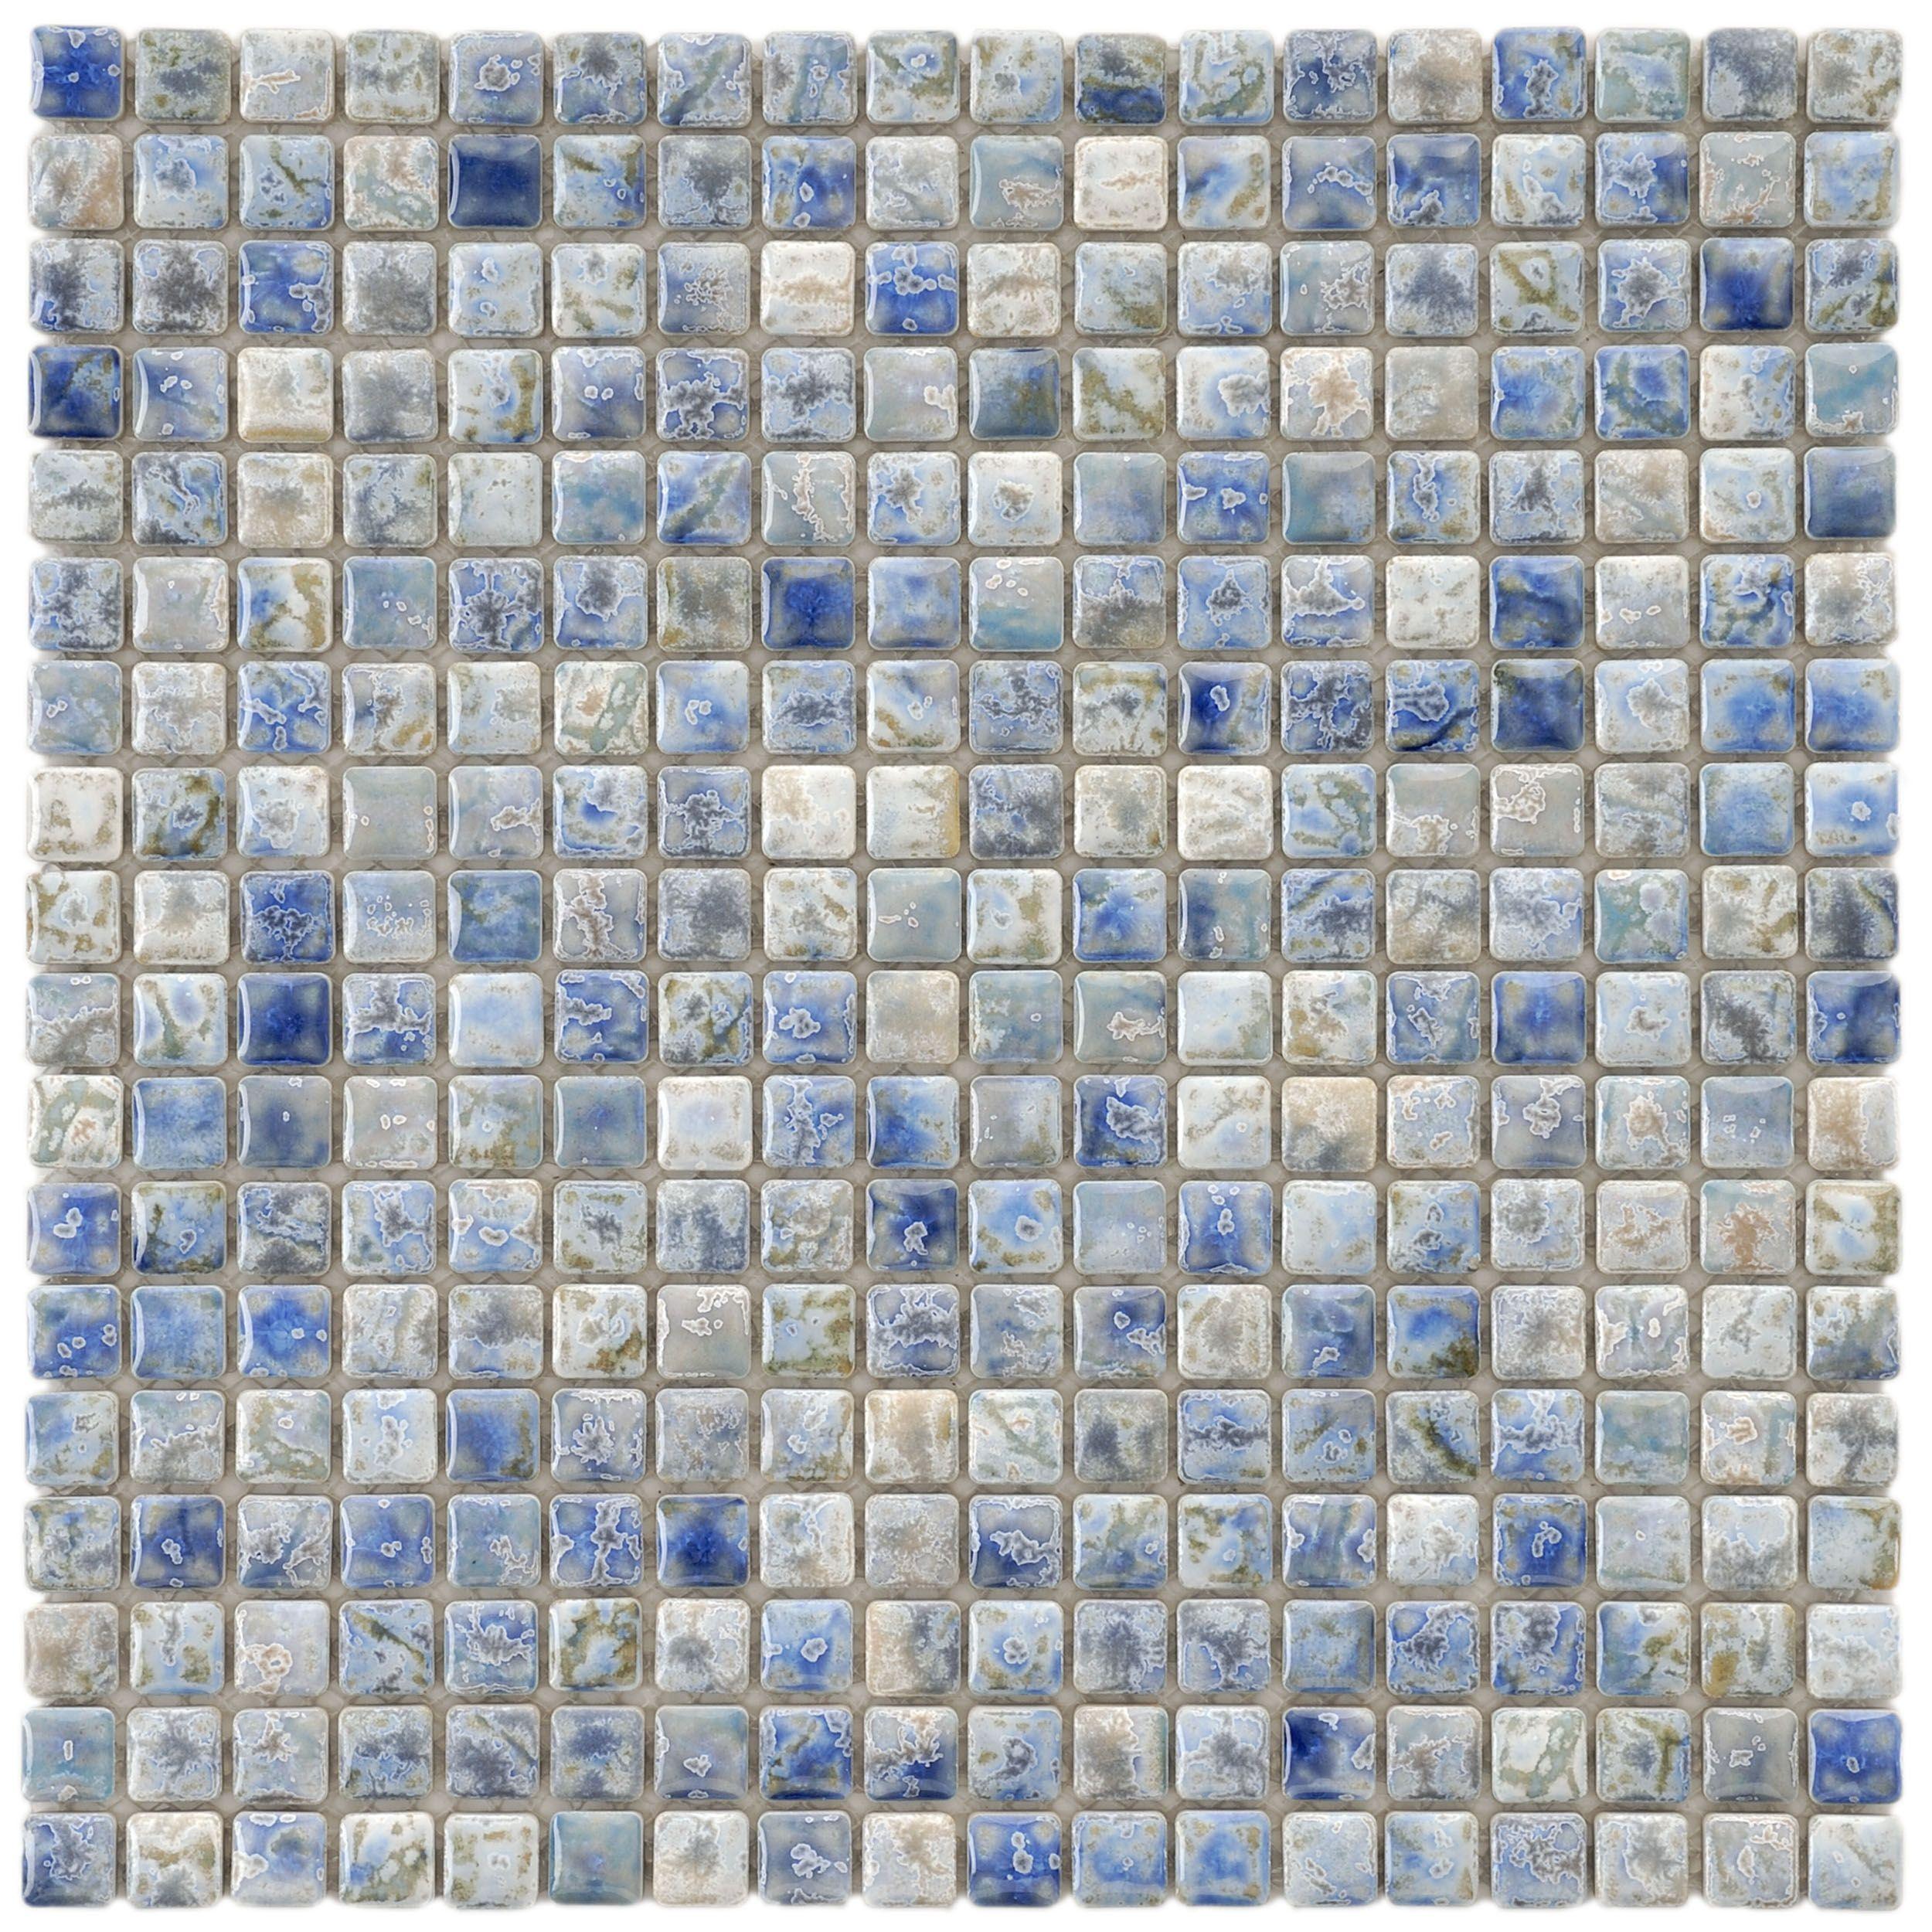 Somertile 12x12 Inch Samoan Mini Neptune Blue Porcelain Mosaic Floor And Wall Tile 10 Tiles 10 21 Sqft Porcelain Mosaic Tile Porcelain Mosaic Mosaic Flooring